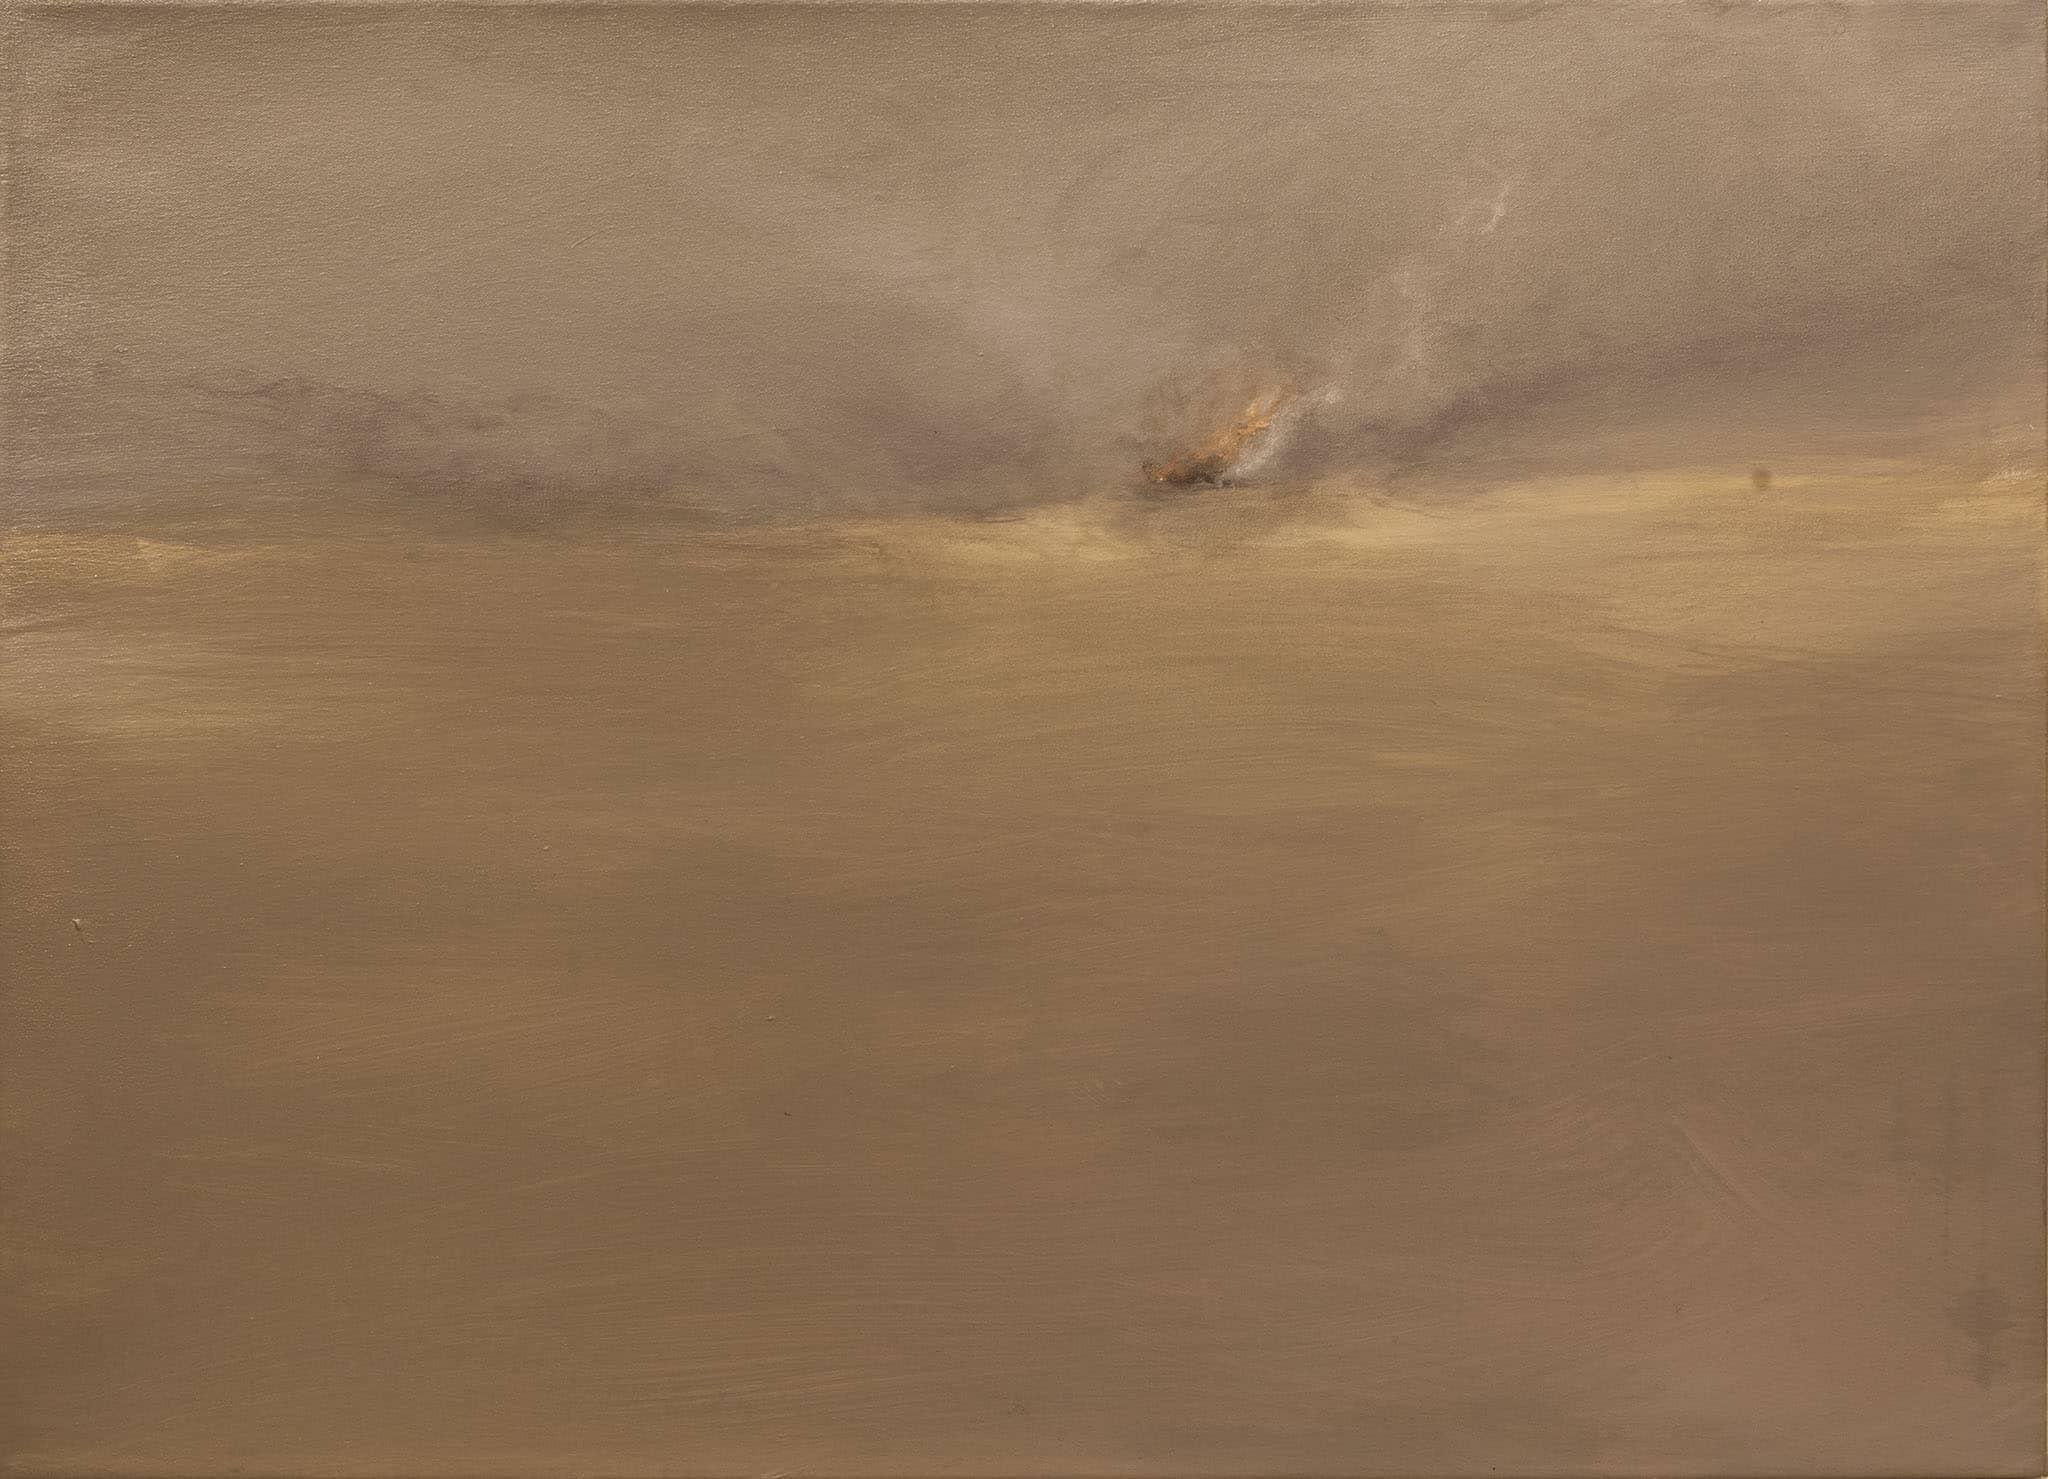 """אבנר בן-גל, """"ערב החורבן"""", 2001, שמן על בד, 65x90 ס""""מ"""